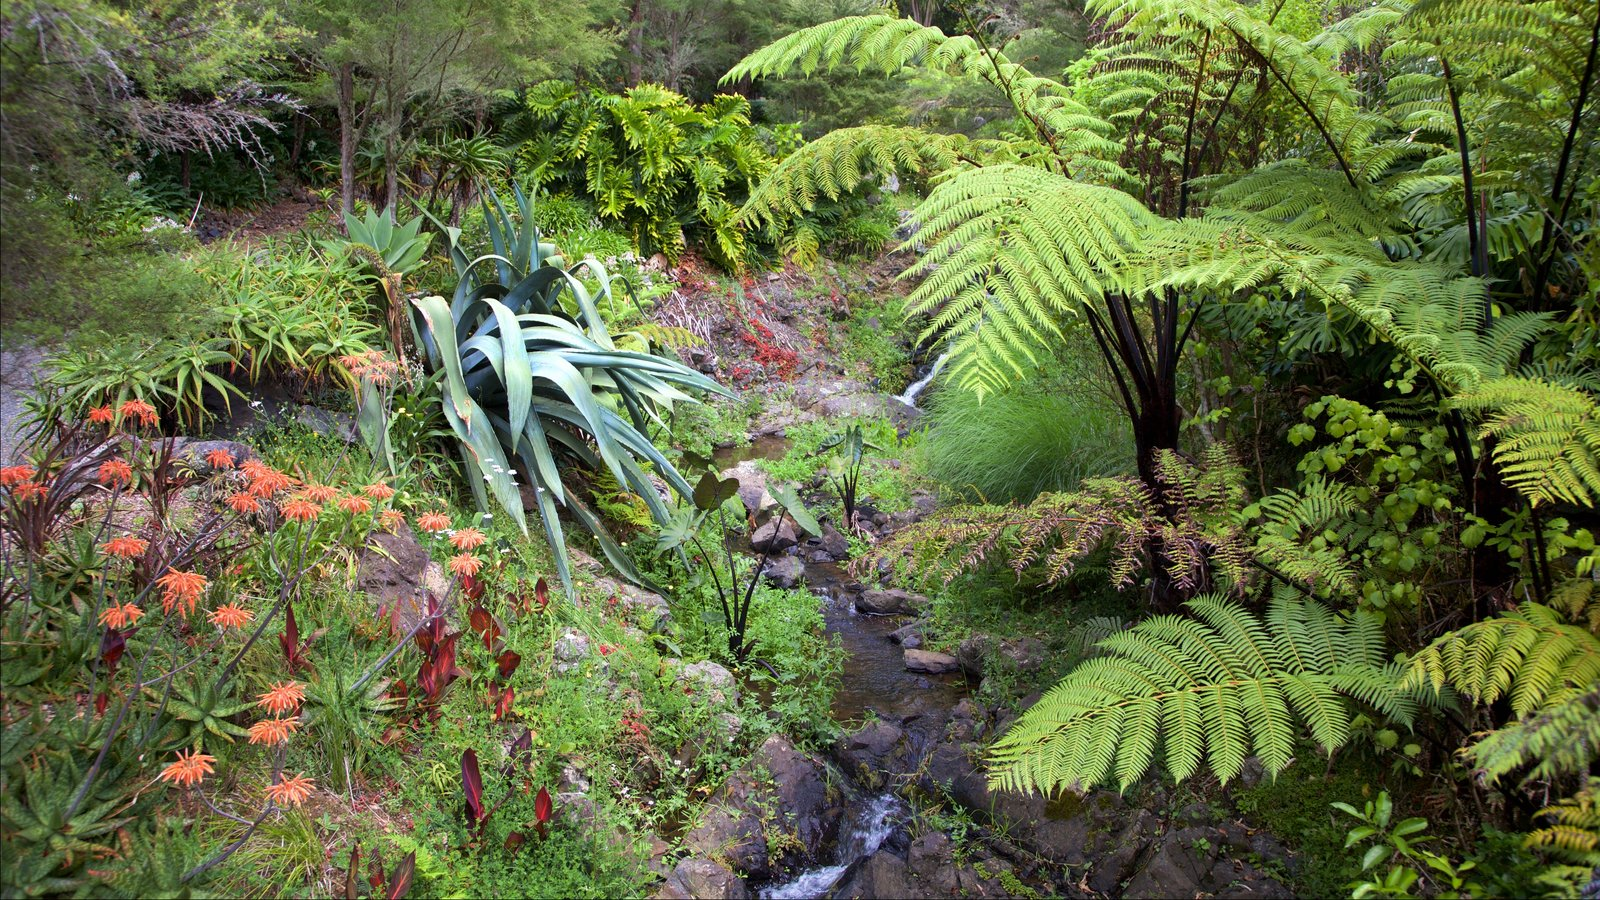 Whangarei Quarry Gardens which includes a garden